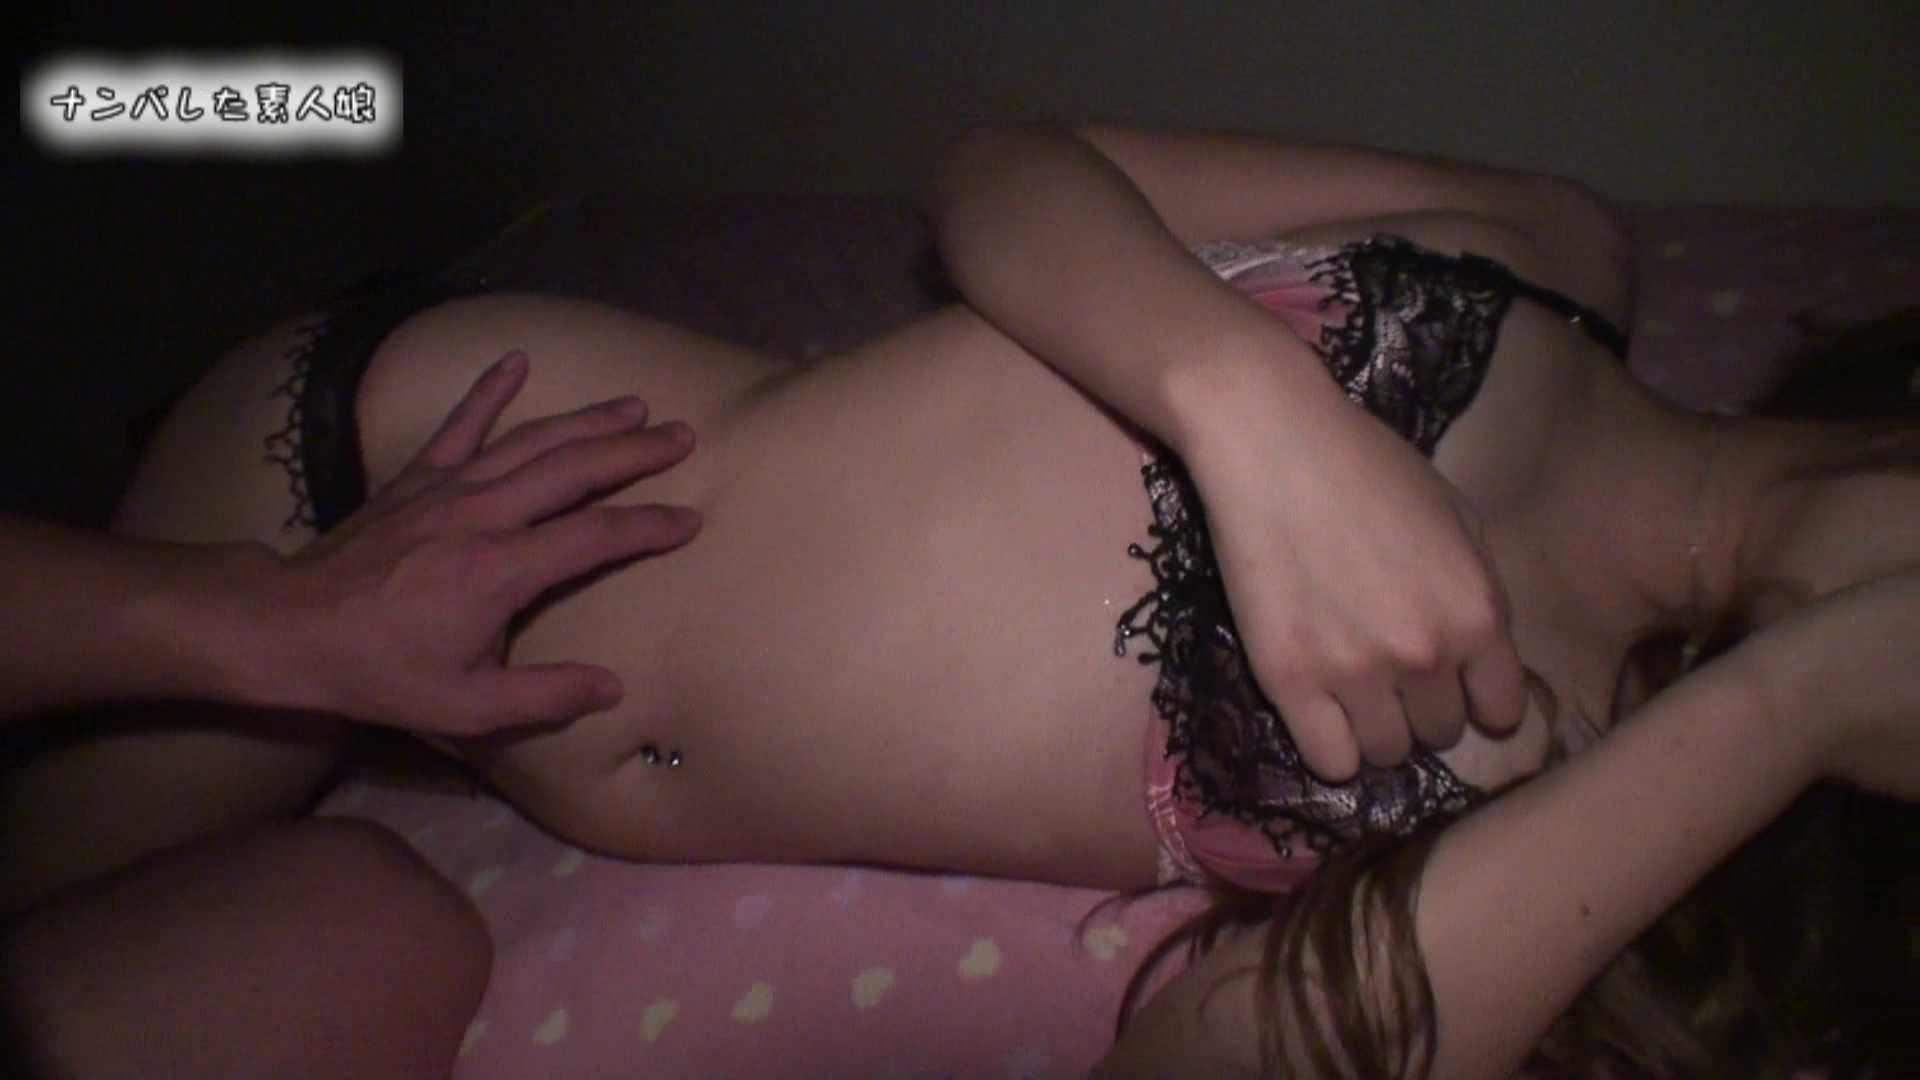 No.4のん19歳 のんちゃん以外と美巨乳でヘソピ付きです ナンパ | メーカー直接買い取り  76画像 14